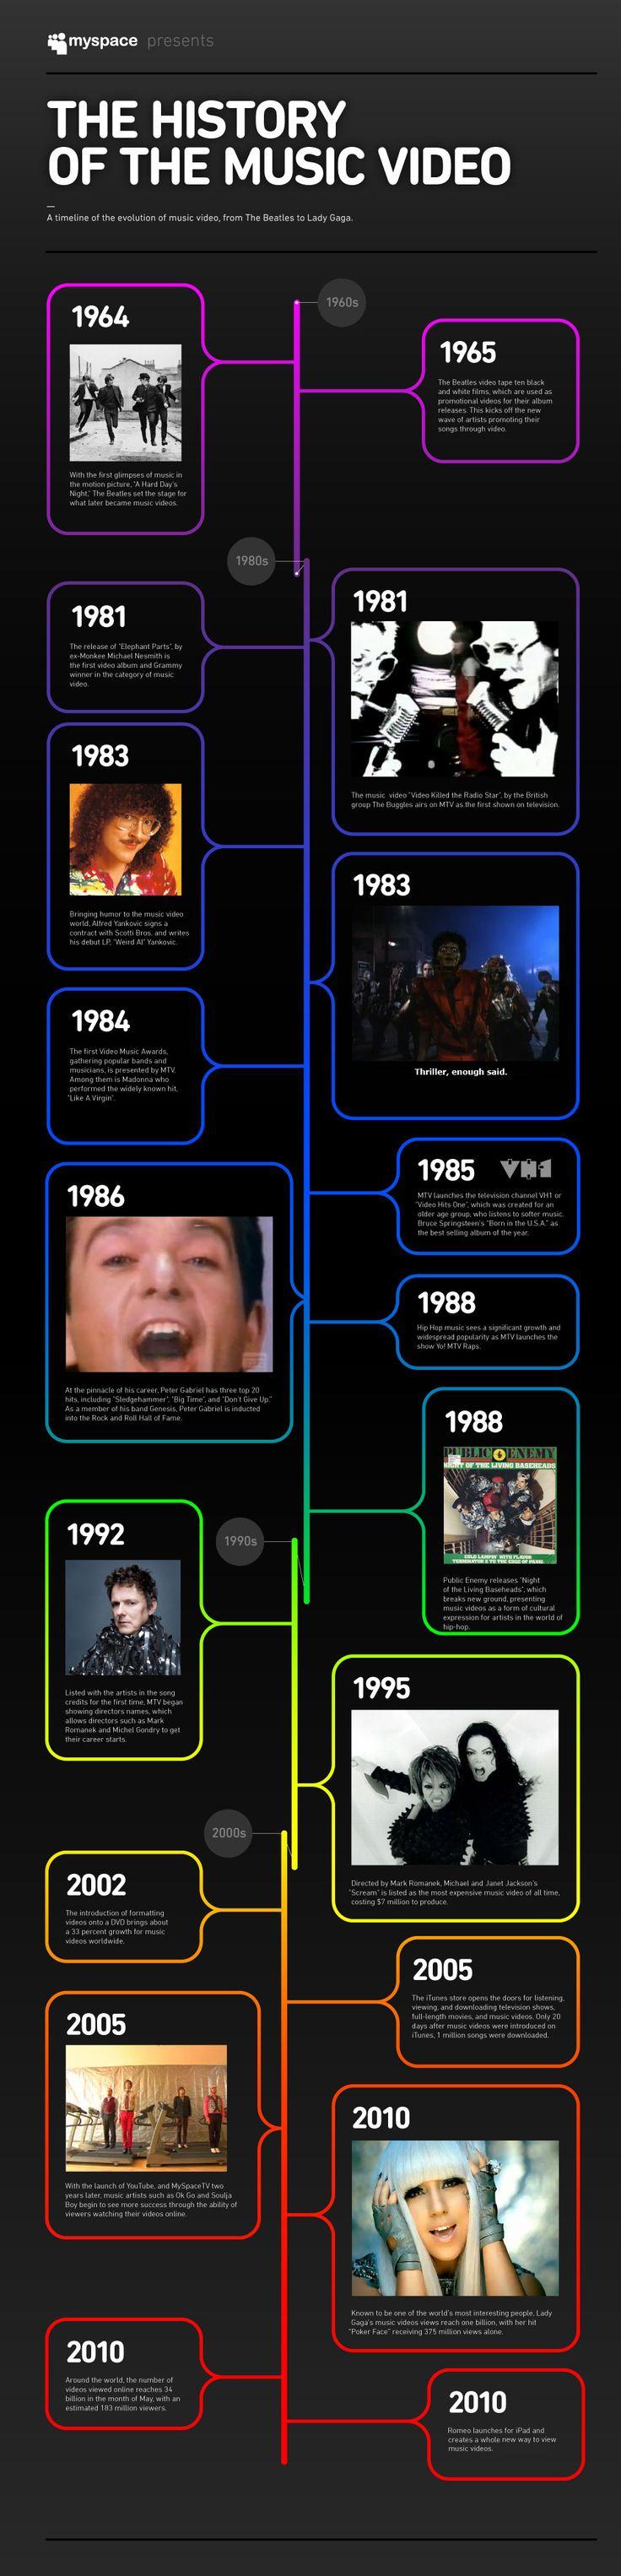 Timeline del vídeo musical #infografia #infographic